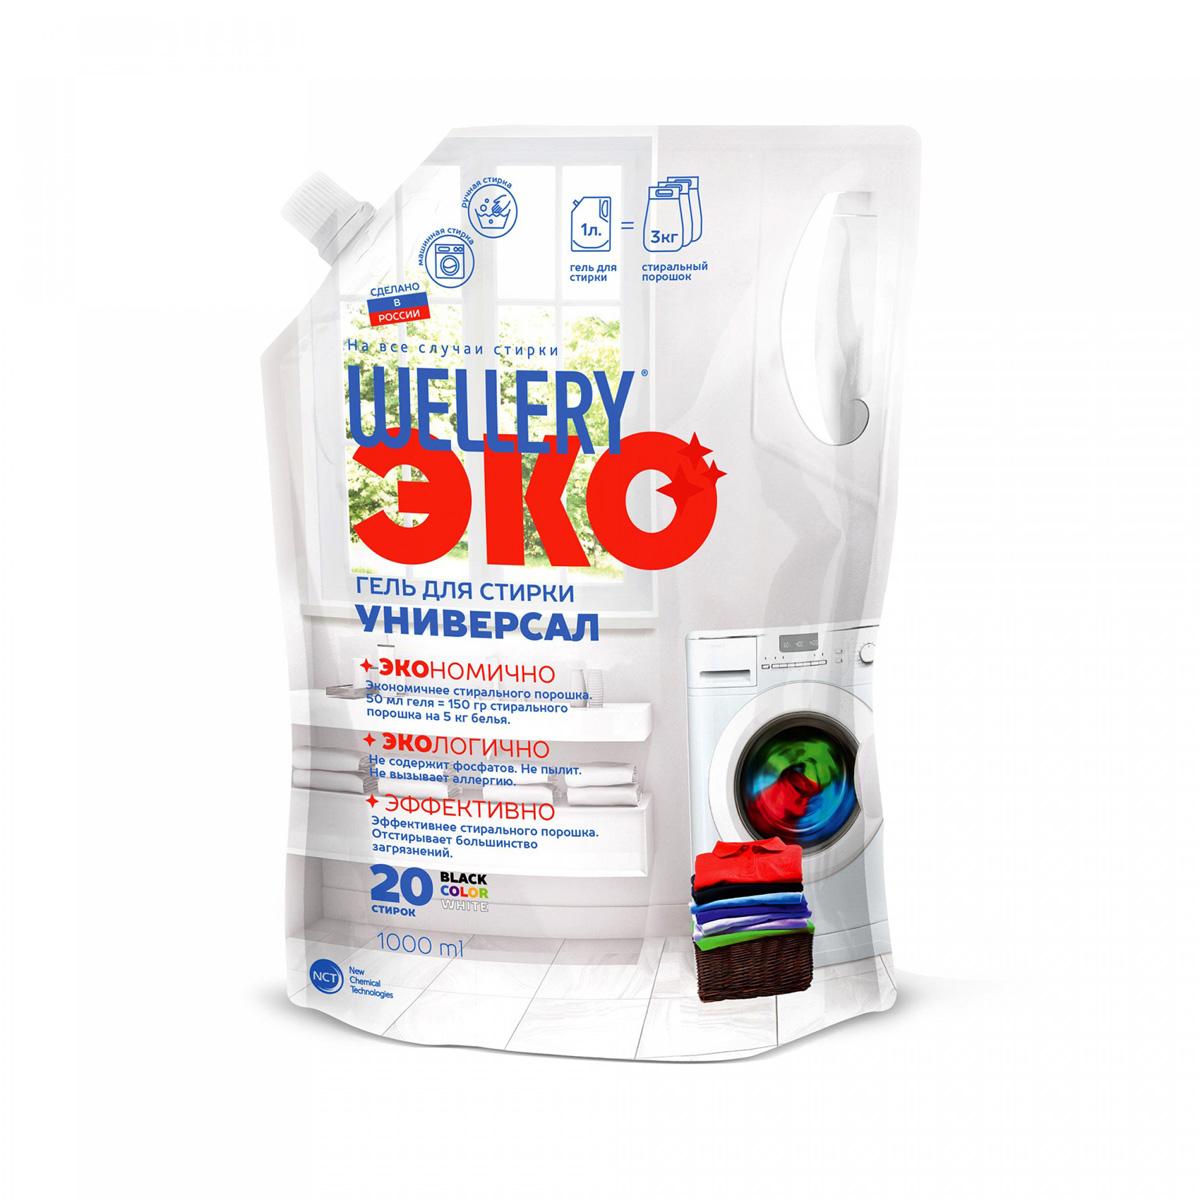 Гель для стирки Wellery ЭКО Универсал, цветного белья, 1 л